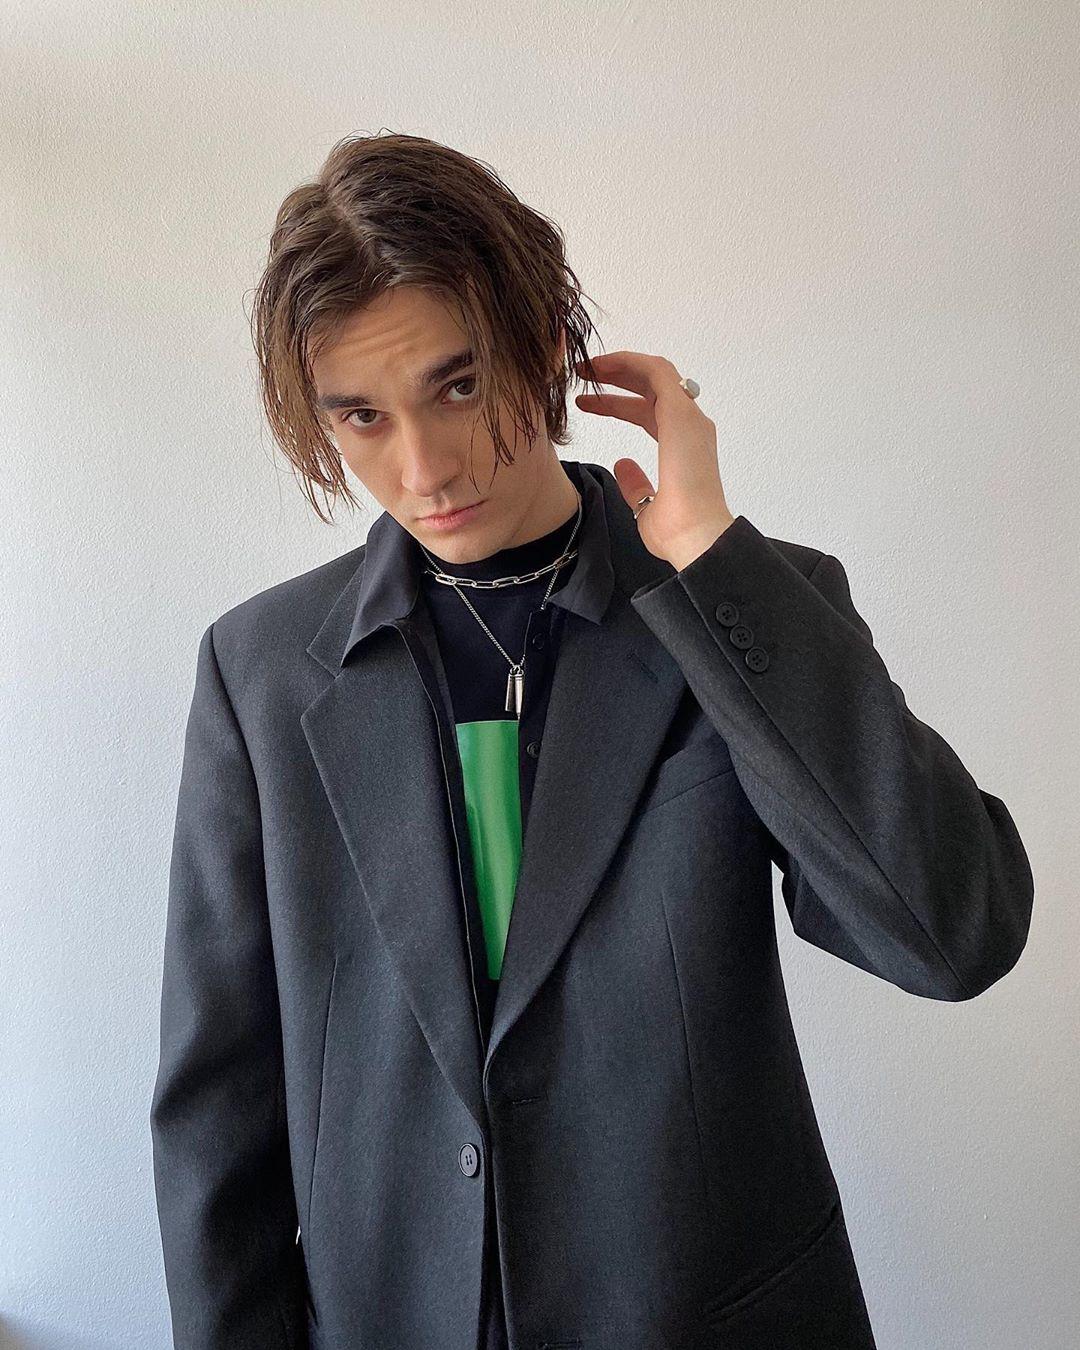 Никита Киоссе выпустил новую песню «Первая любовь»